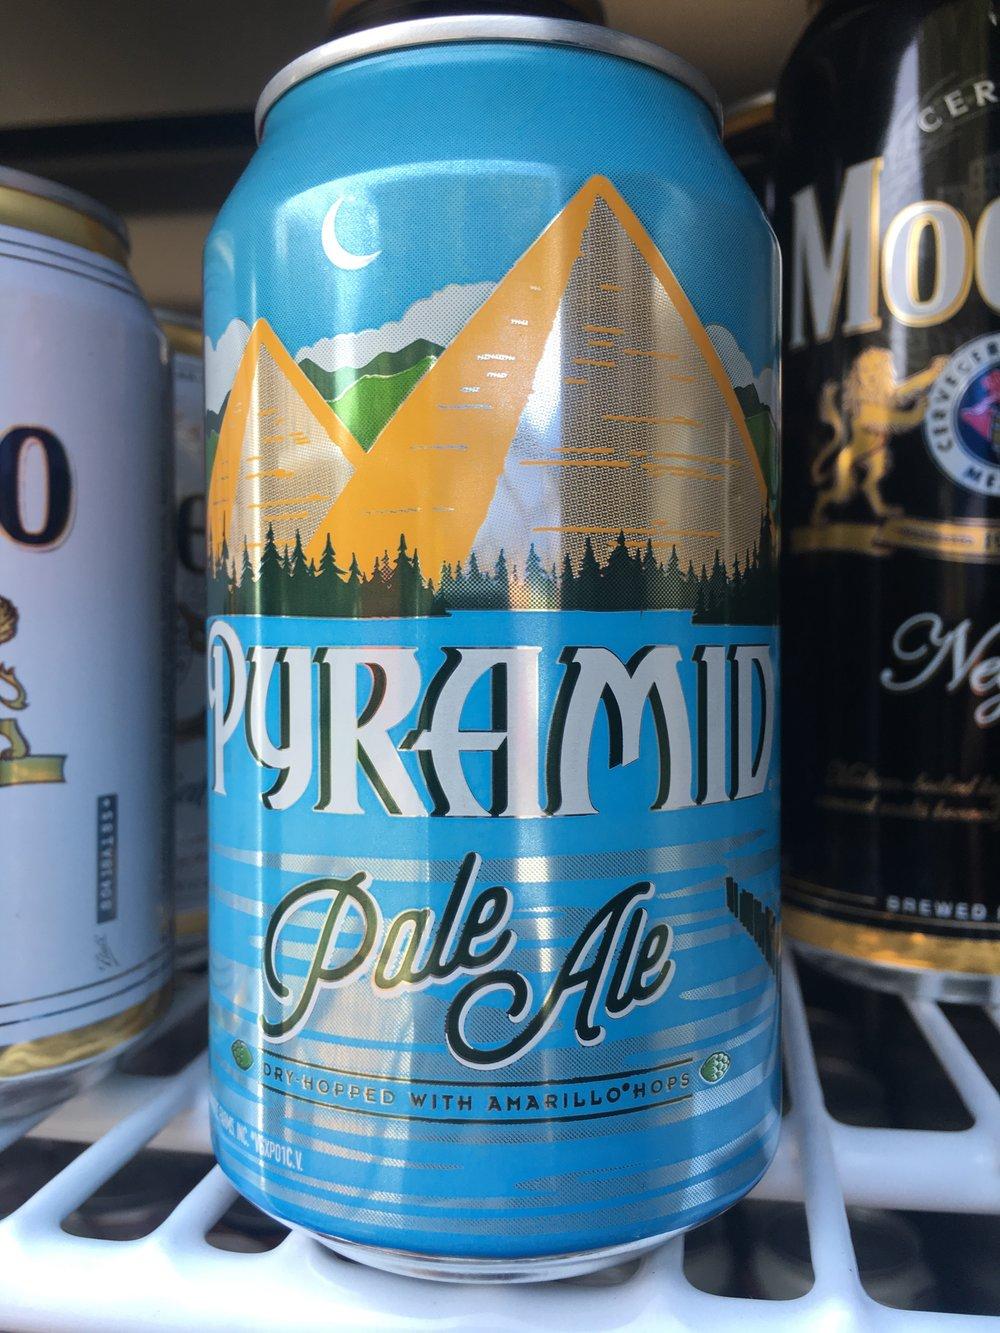 Pyramid Brewing - Pale Ale